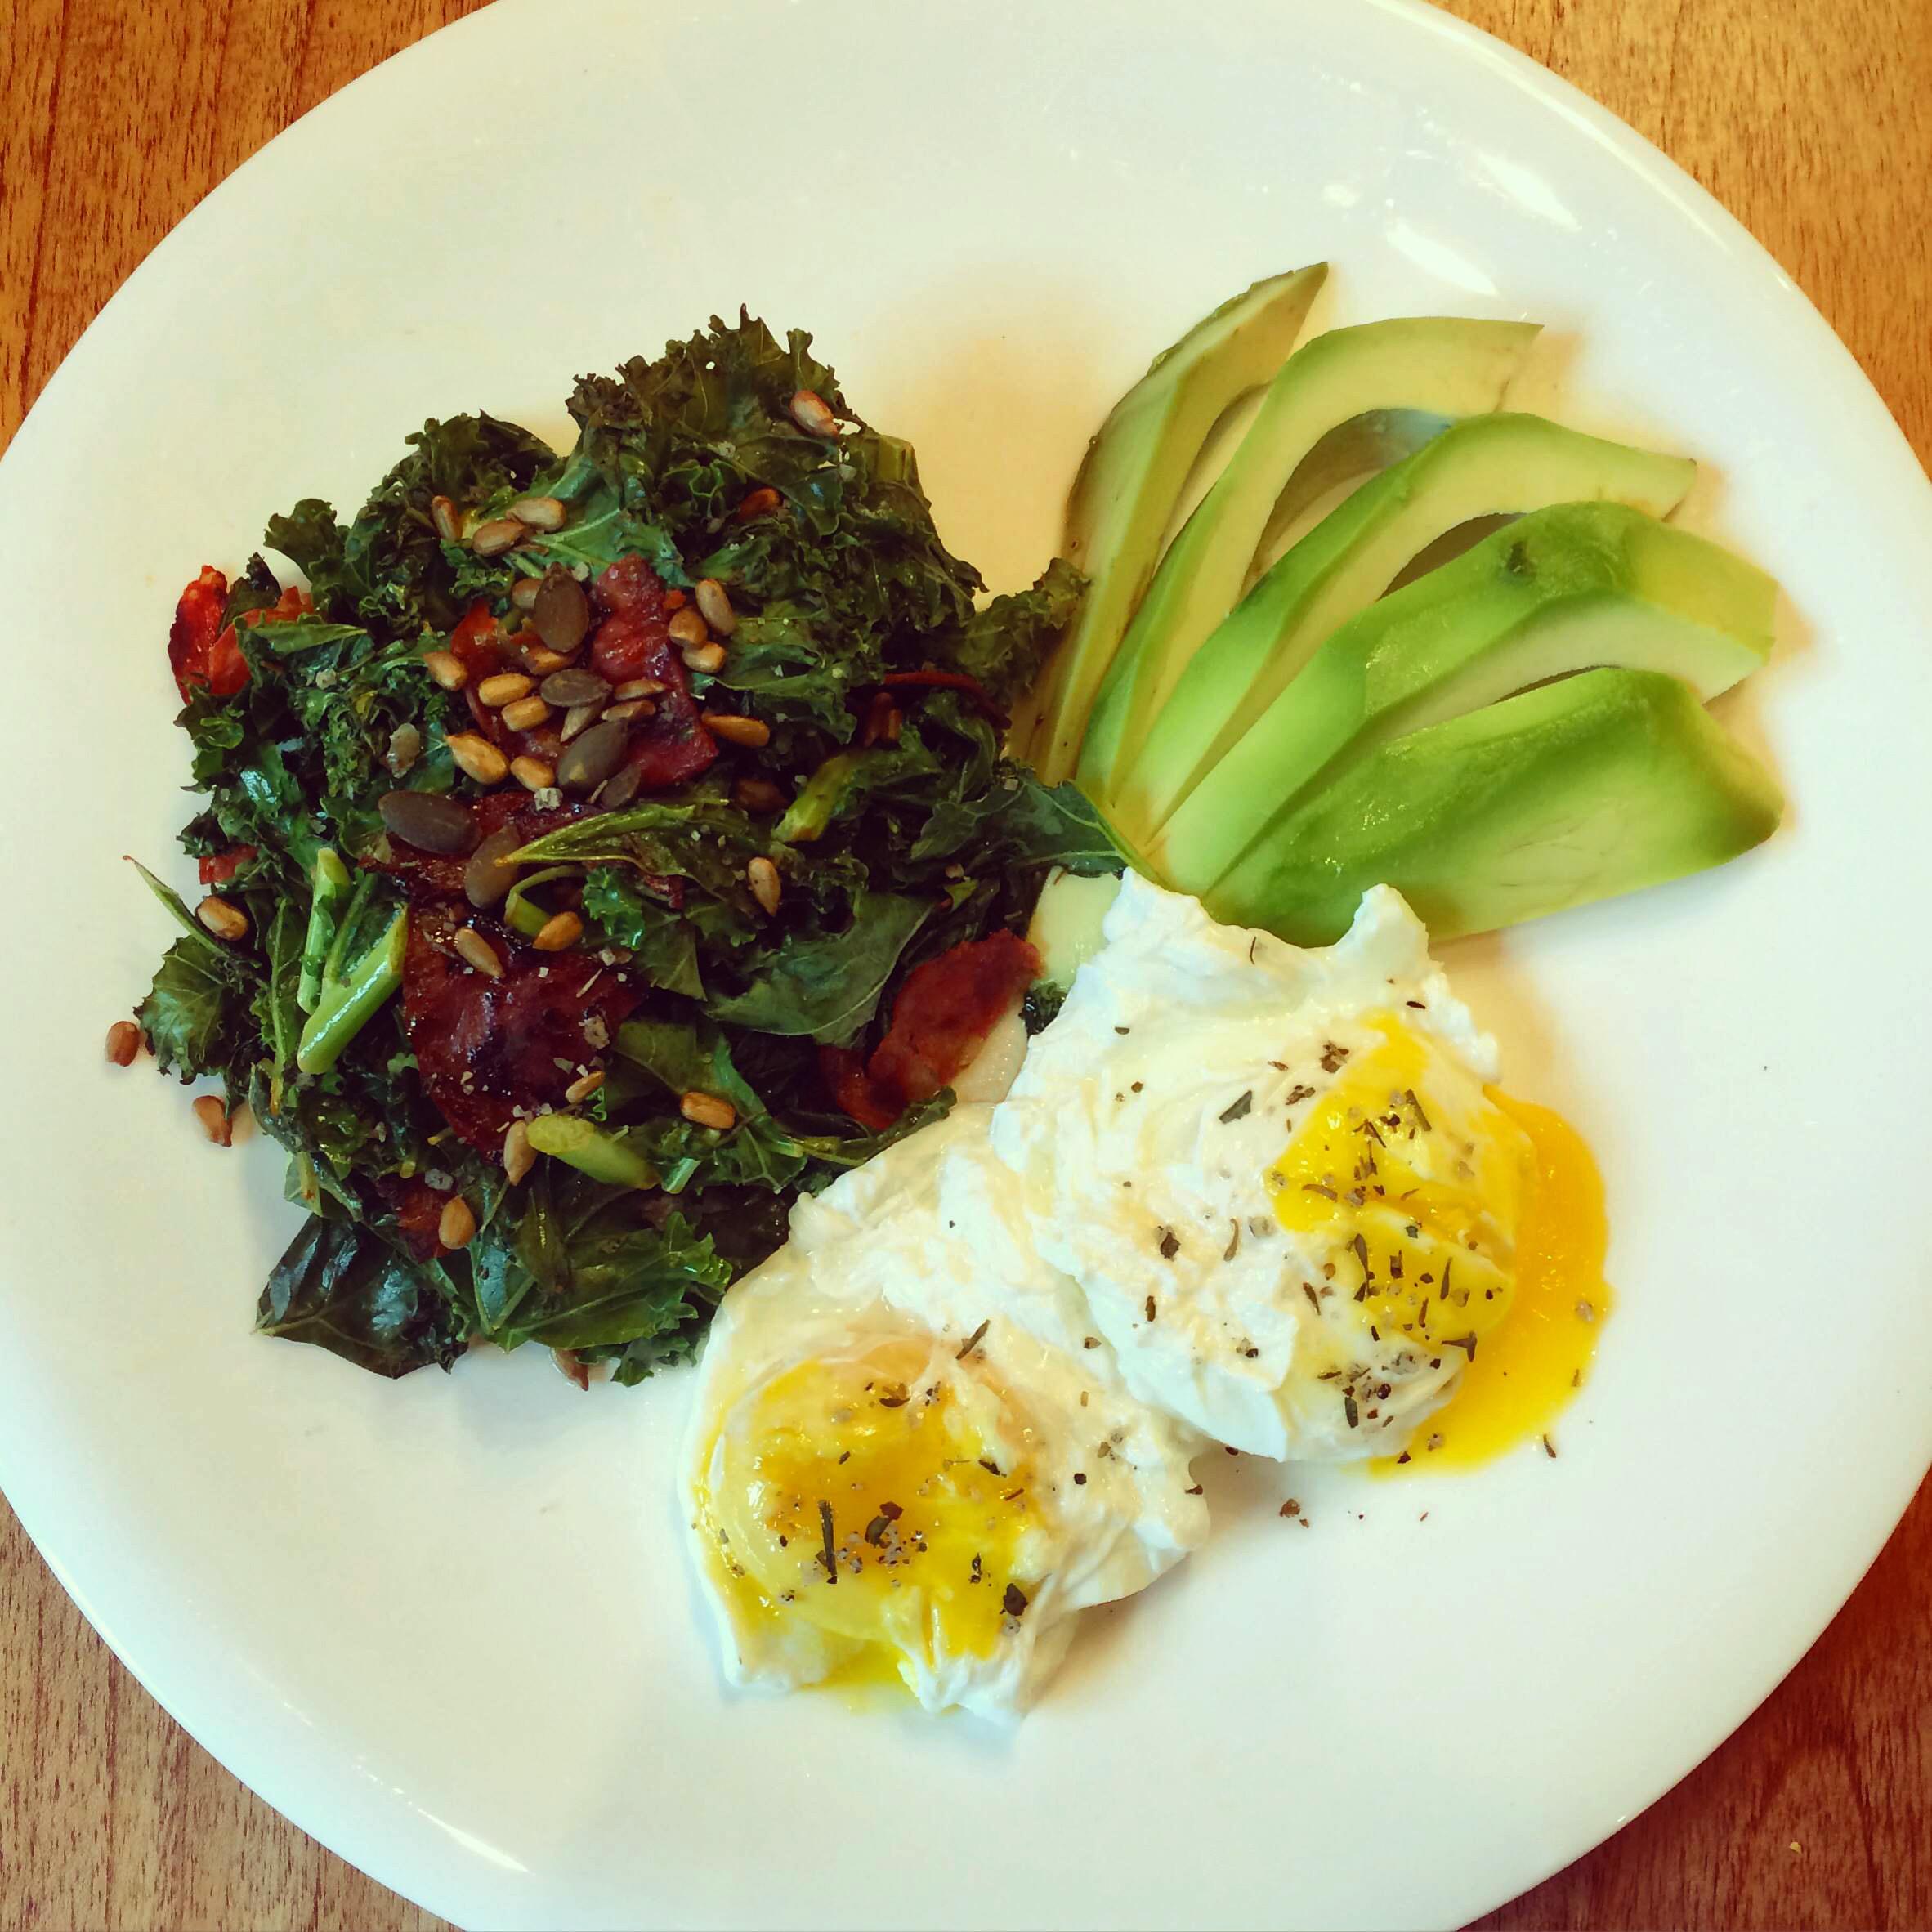 Avocado Salad, clean eating alice, by healthista.com